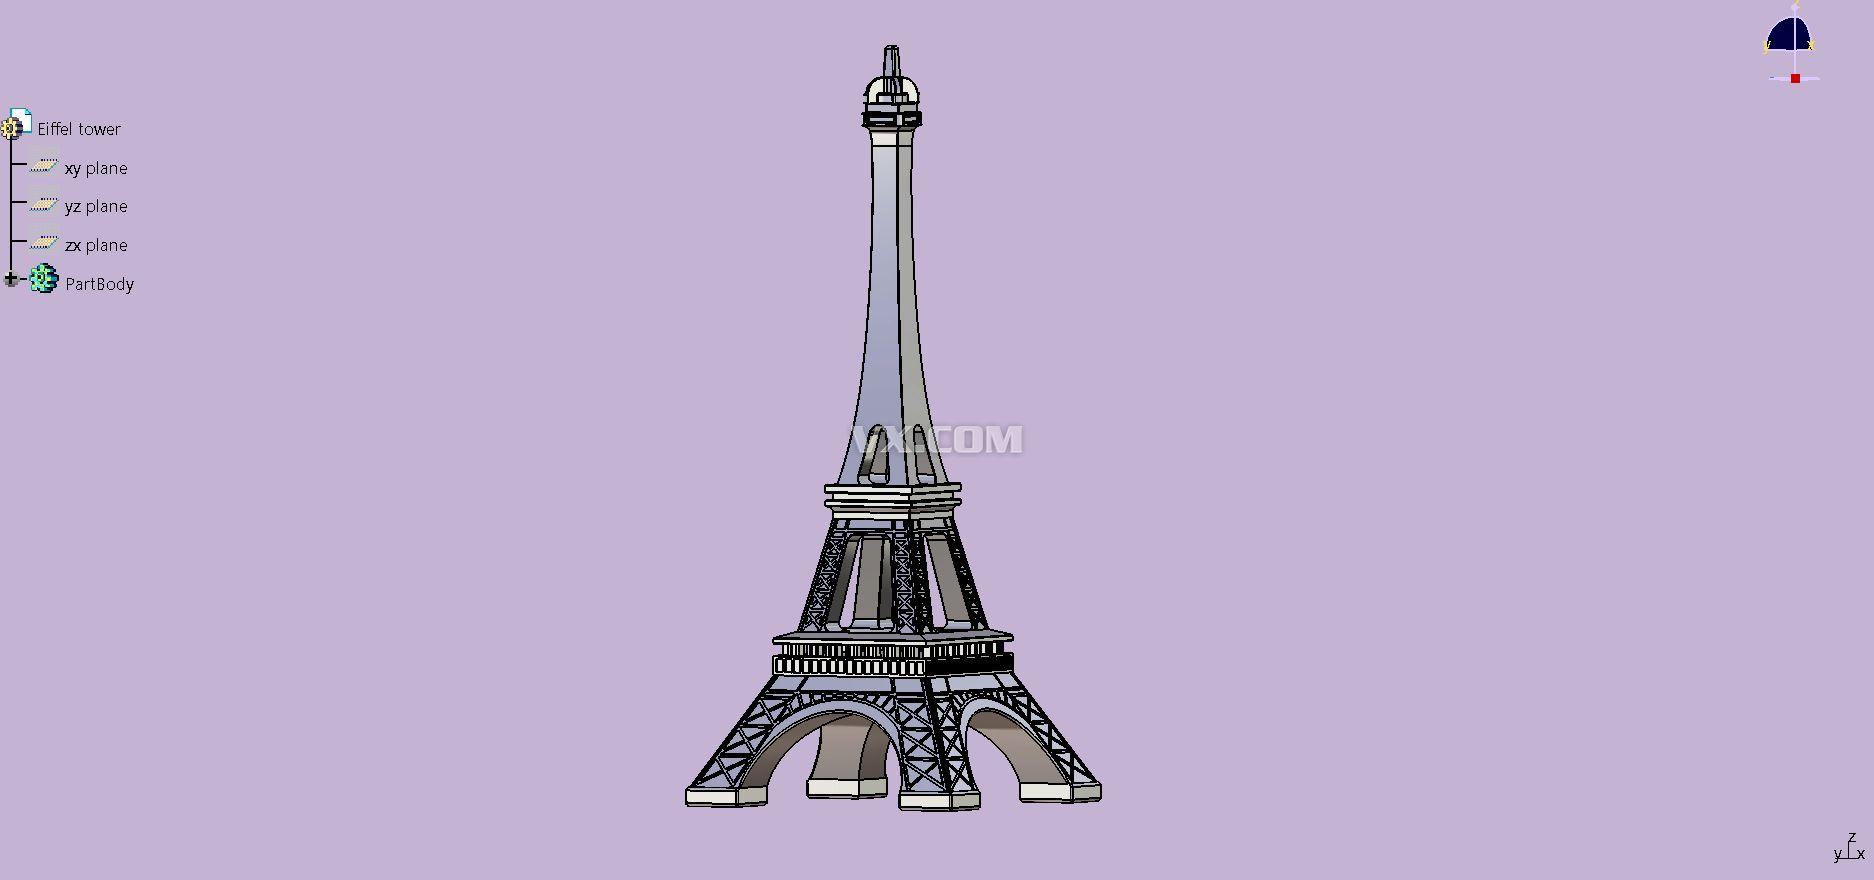 埃菲尔铁塔(法语:La Tour Eiffel;英语:Eiffel Tower)矗立在法国巴黎的战神广场,是世界著名建筑,也是法国文化象征之一,巴黎城市地标之一,也是巴黎最高建筑物,高300米,天线高24米,总高324米,是巴黎最高的建筑物,于1889年建成,得名于设计它的著名建筑师、结构工程师古斯塔夫埃菲尔。 铁塔设计新颖独特,是世界建筑史上的技术杰作,是法国巴黎的重要景点和突出标志。 1889年5月15日,为给世界博览会开幕典礼剪彩,铁塔的设计师居斯塔夫埃菲尔亲手将法国国旗升上铁塔的300米高空,由